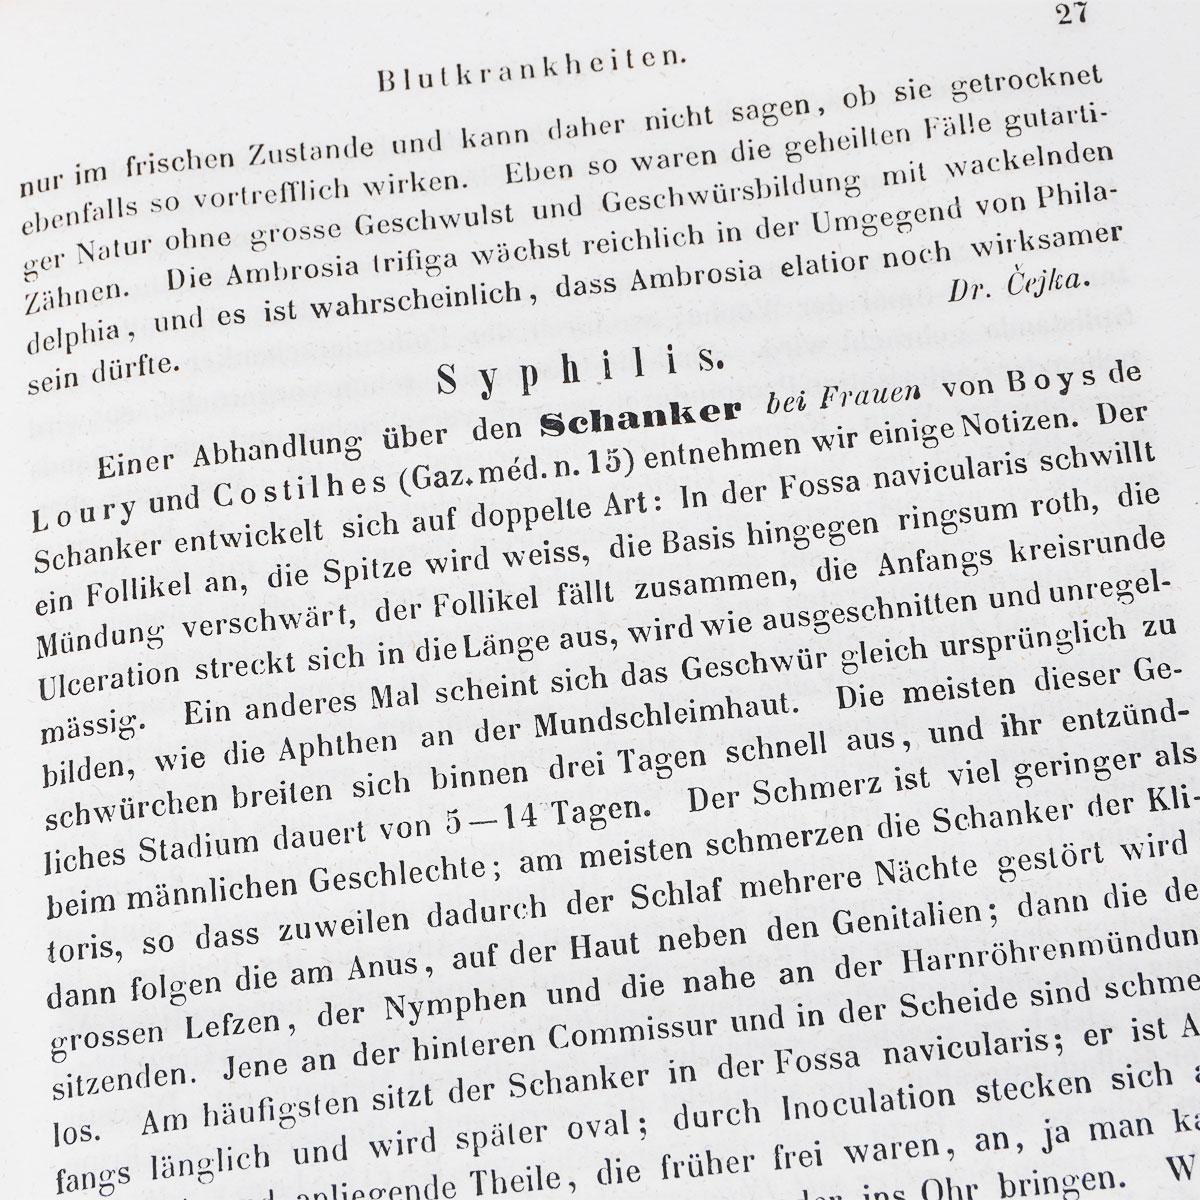 Vierteljahrschrift fur die pracktische heilkunde, herausgegeben von der medicinischen facultat in Prag